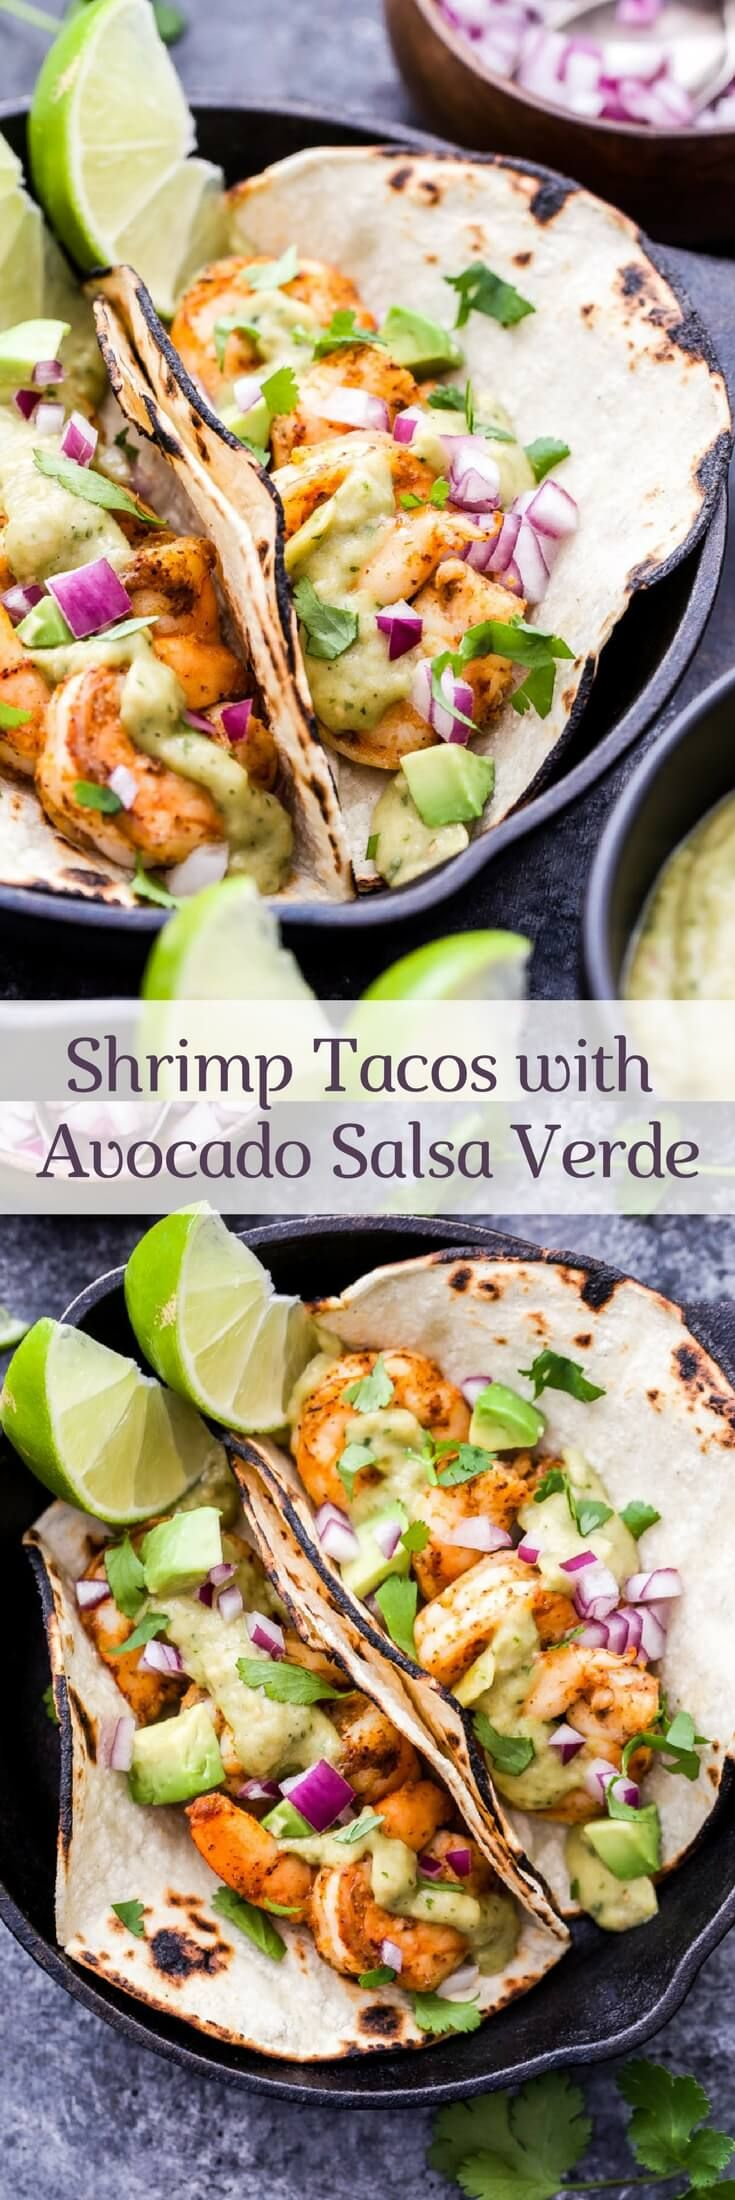 Shrimp Tacos with Avocado Salsa Verde